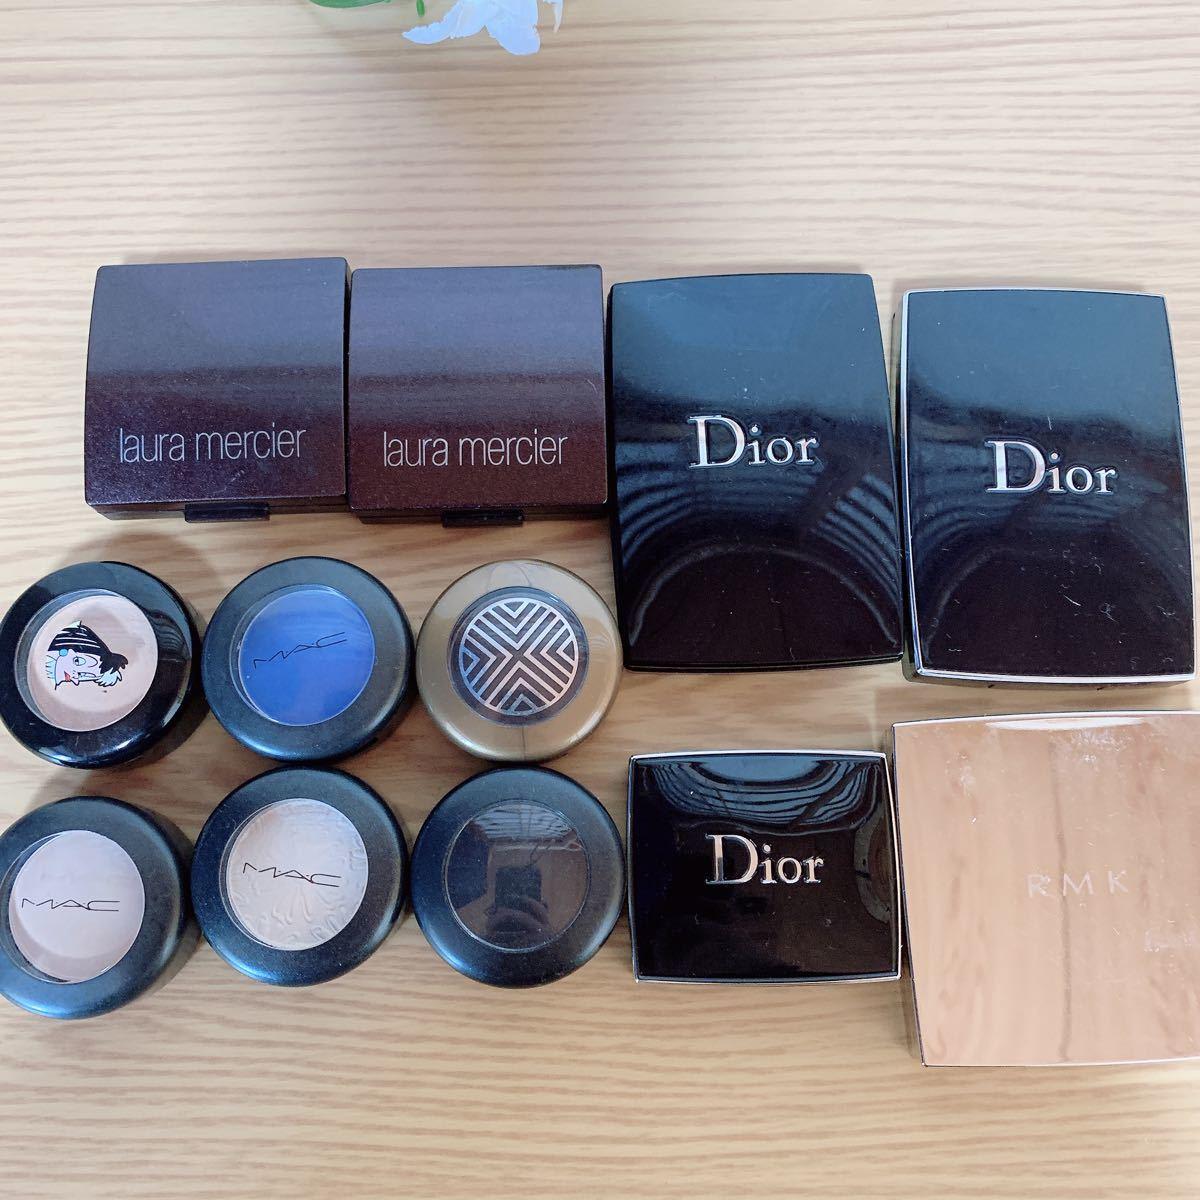 Dior デパコス まとめ売り